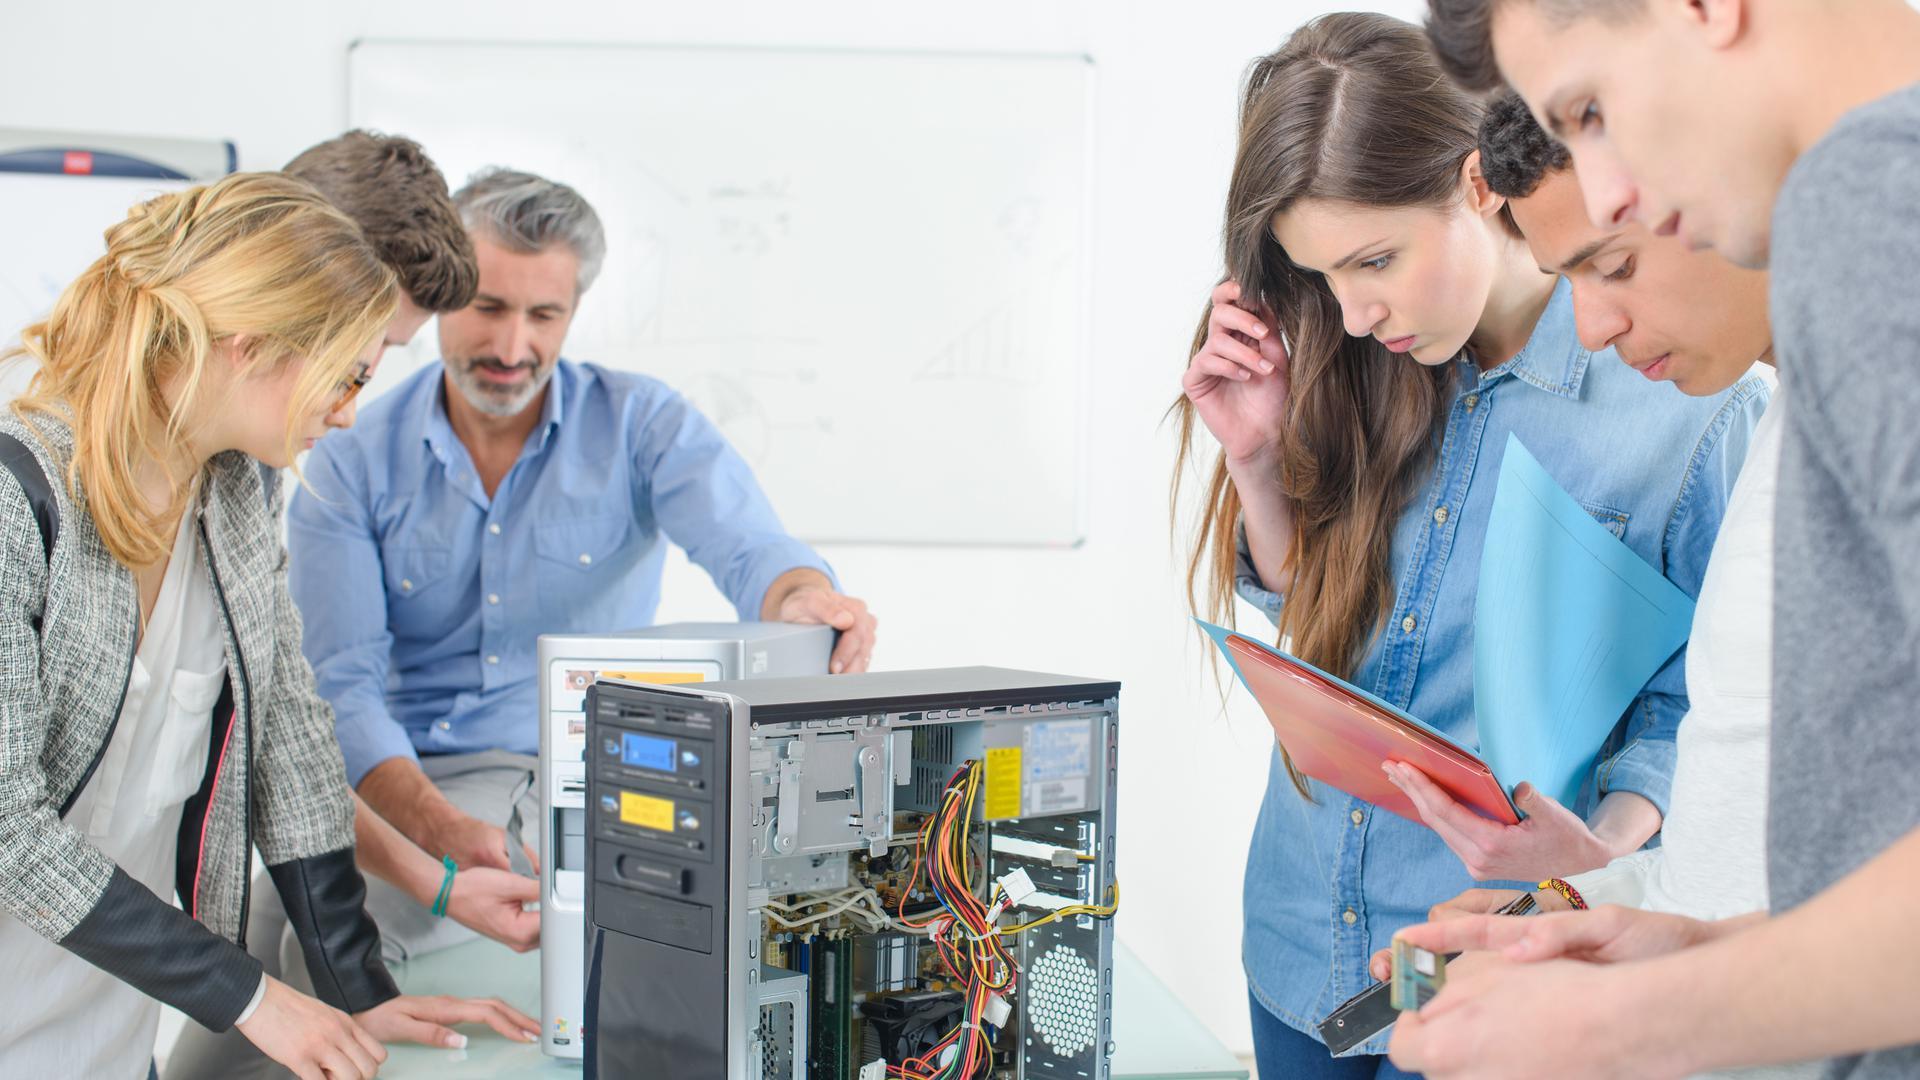 Tutor and Studenten reparieren einen Computer.